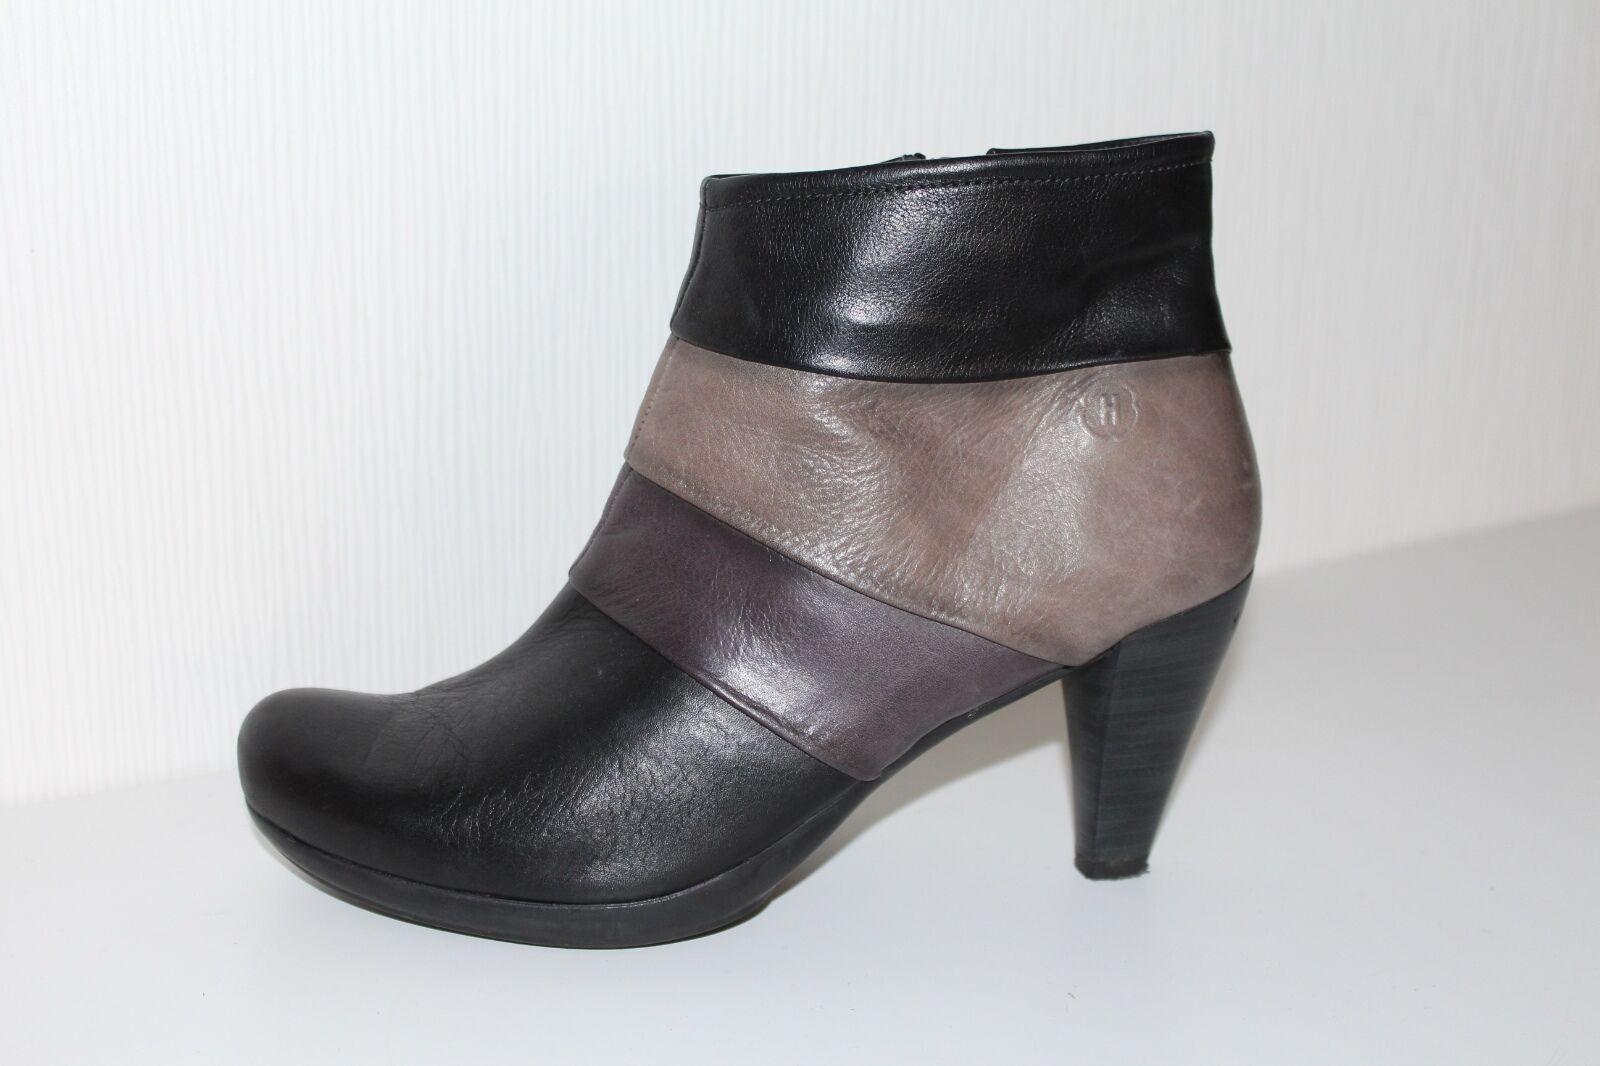 Zapatos especiales con descuento HISPANITAS Damen ECHTLEDER STIEFELETTEN High HEEL Ankle BOOTS 40 BOOTIES STIEFEL